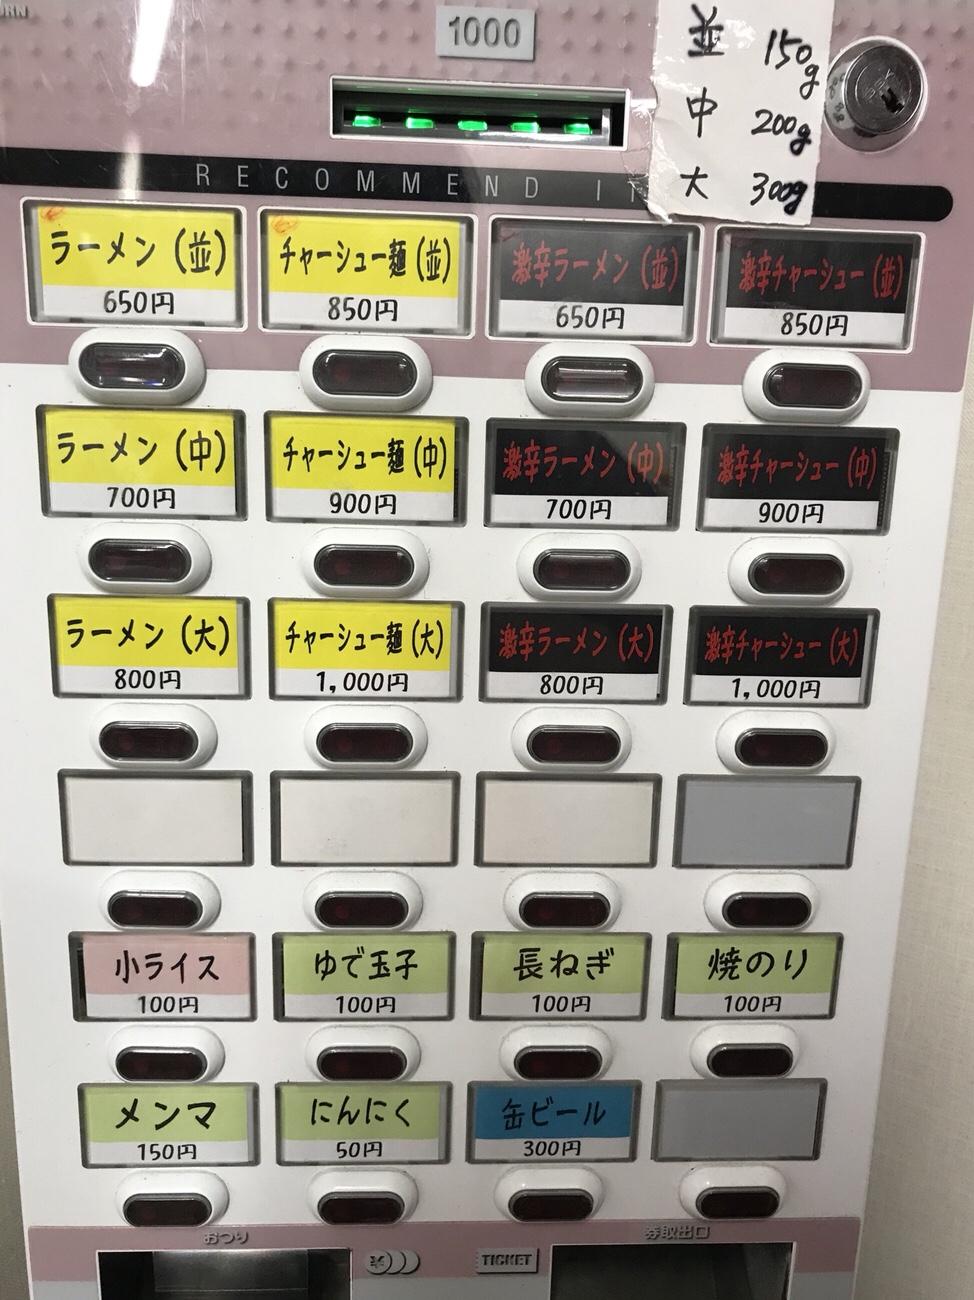 北大塚ラーメン メニュー